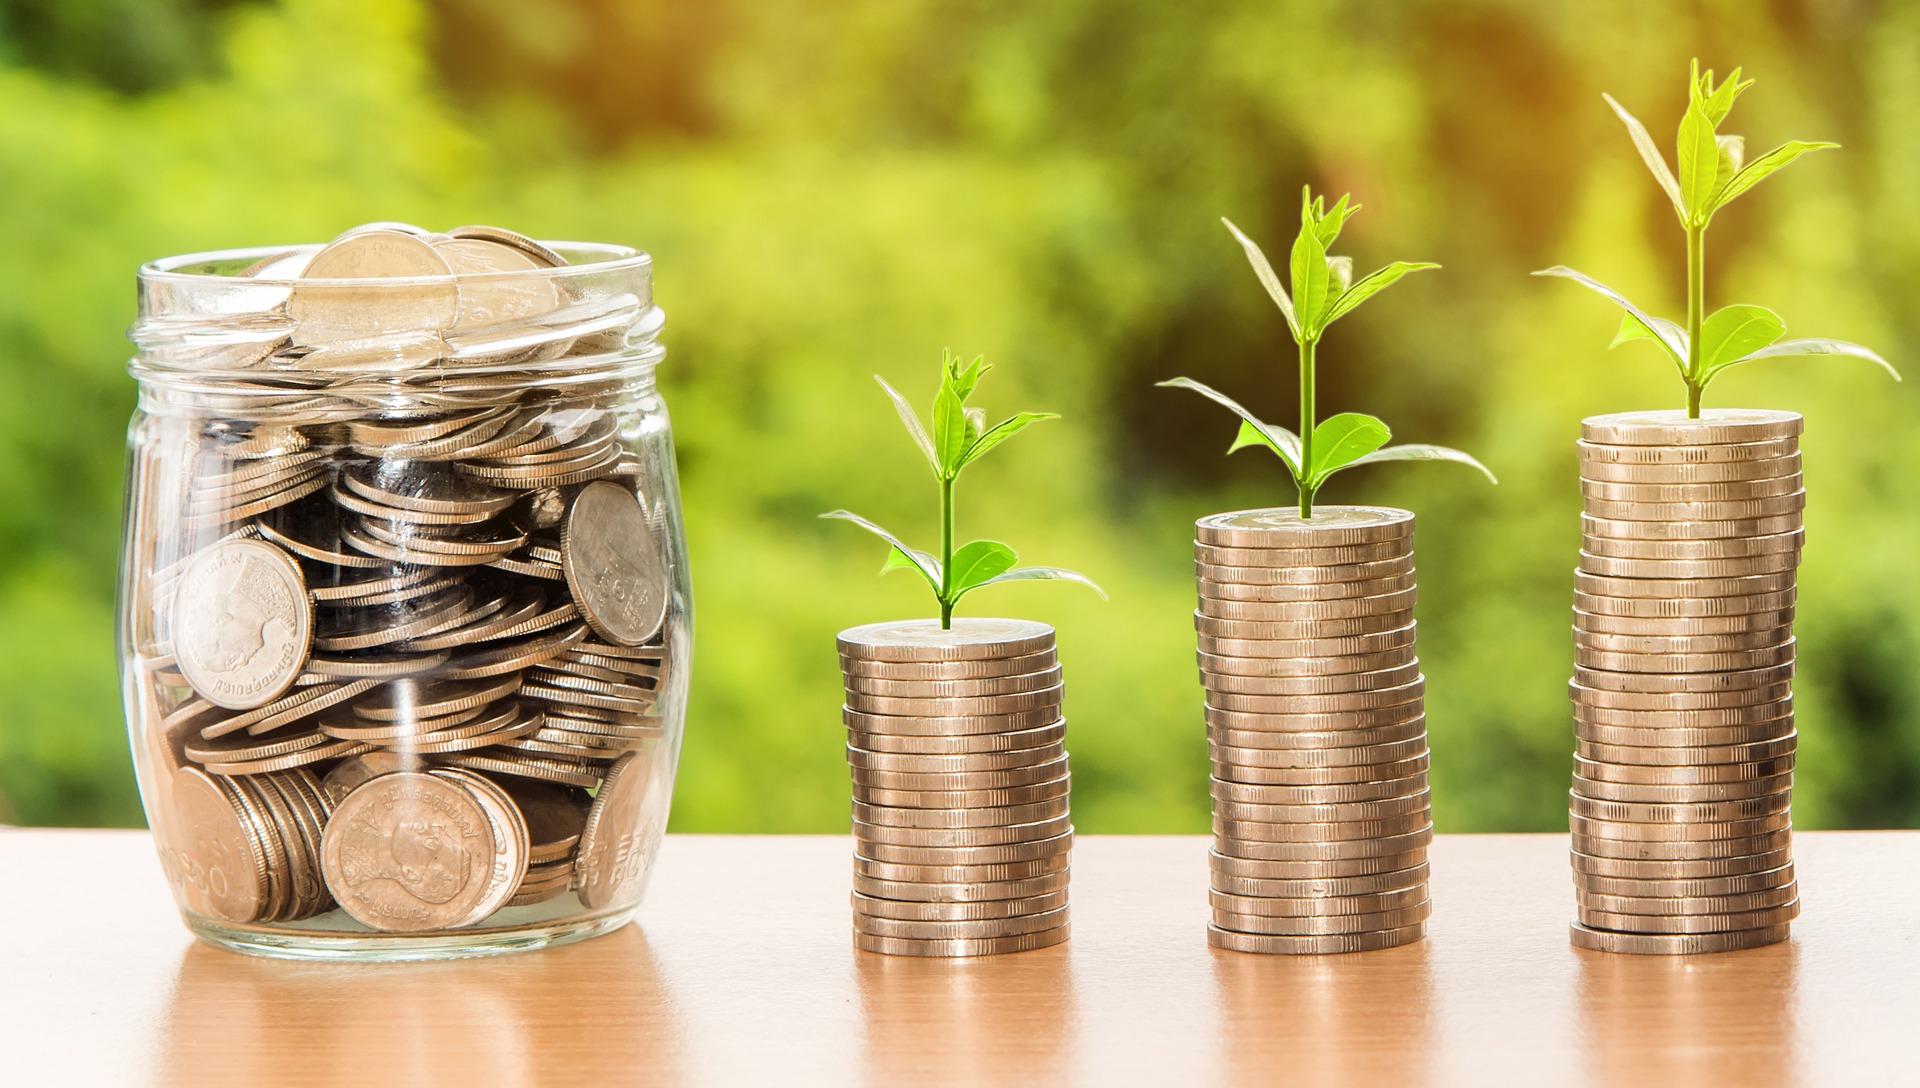 Retos para ahorrar dinero 2019